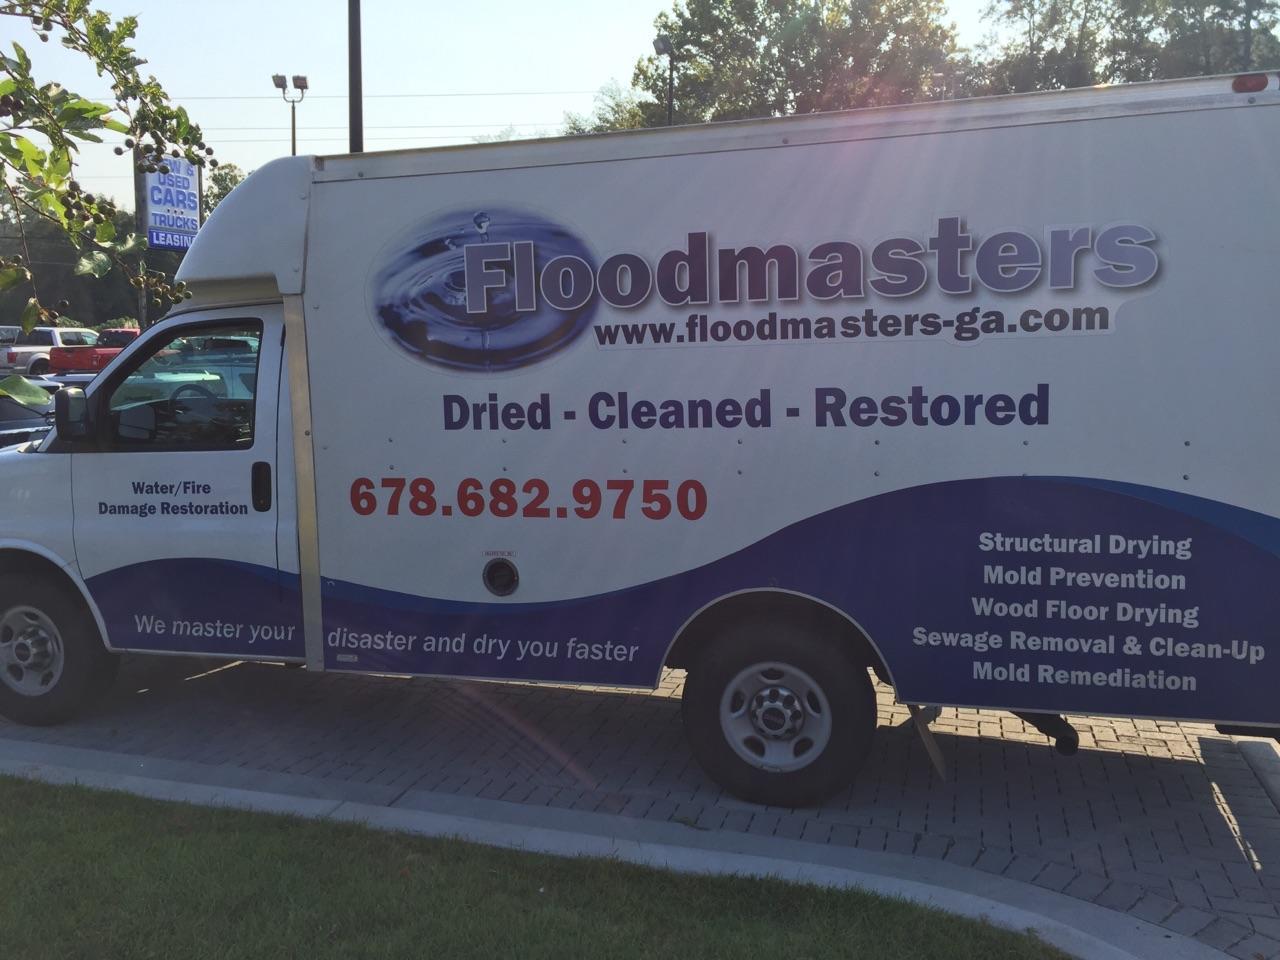 Floodmasters image 1